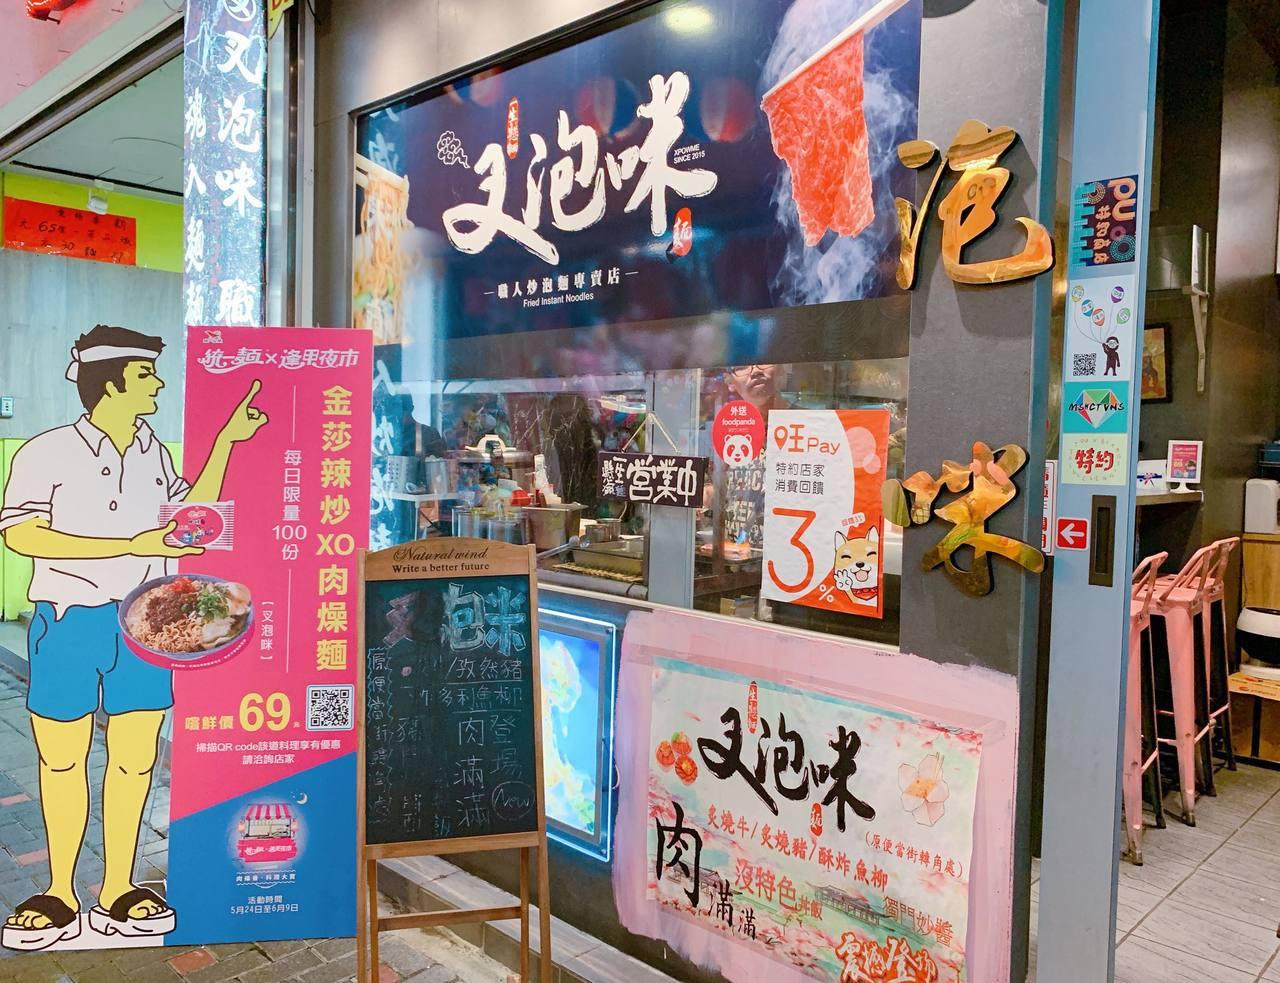 店家門口擺放大型統一麵人形立牌,增加消費者辨識度。記者徐力剛╱攝影